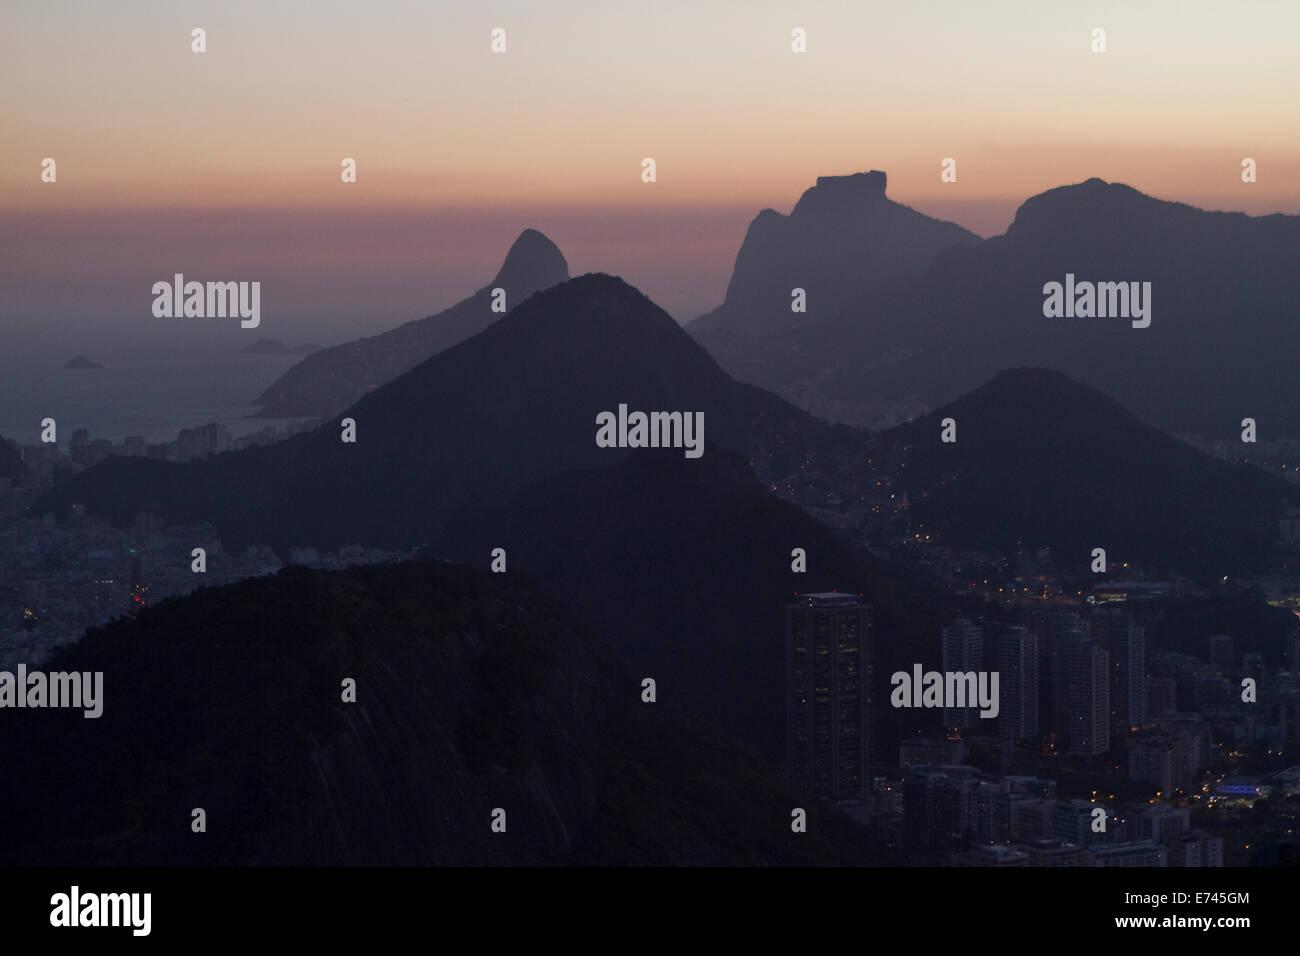 View of parts of Rio de Janeiro in between the mountains from the Pao de Azucar. Rio de Janeiro, Brazil. - Stock Image